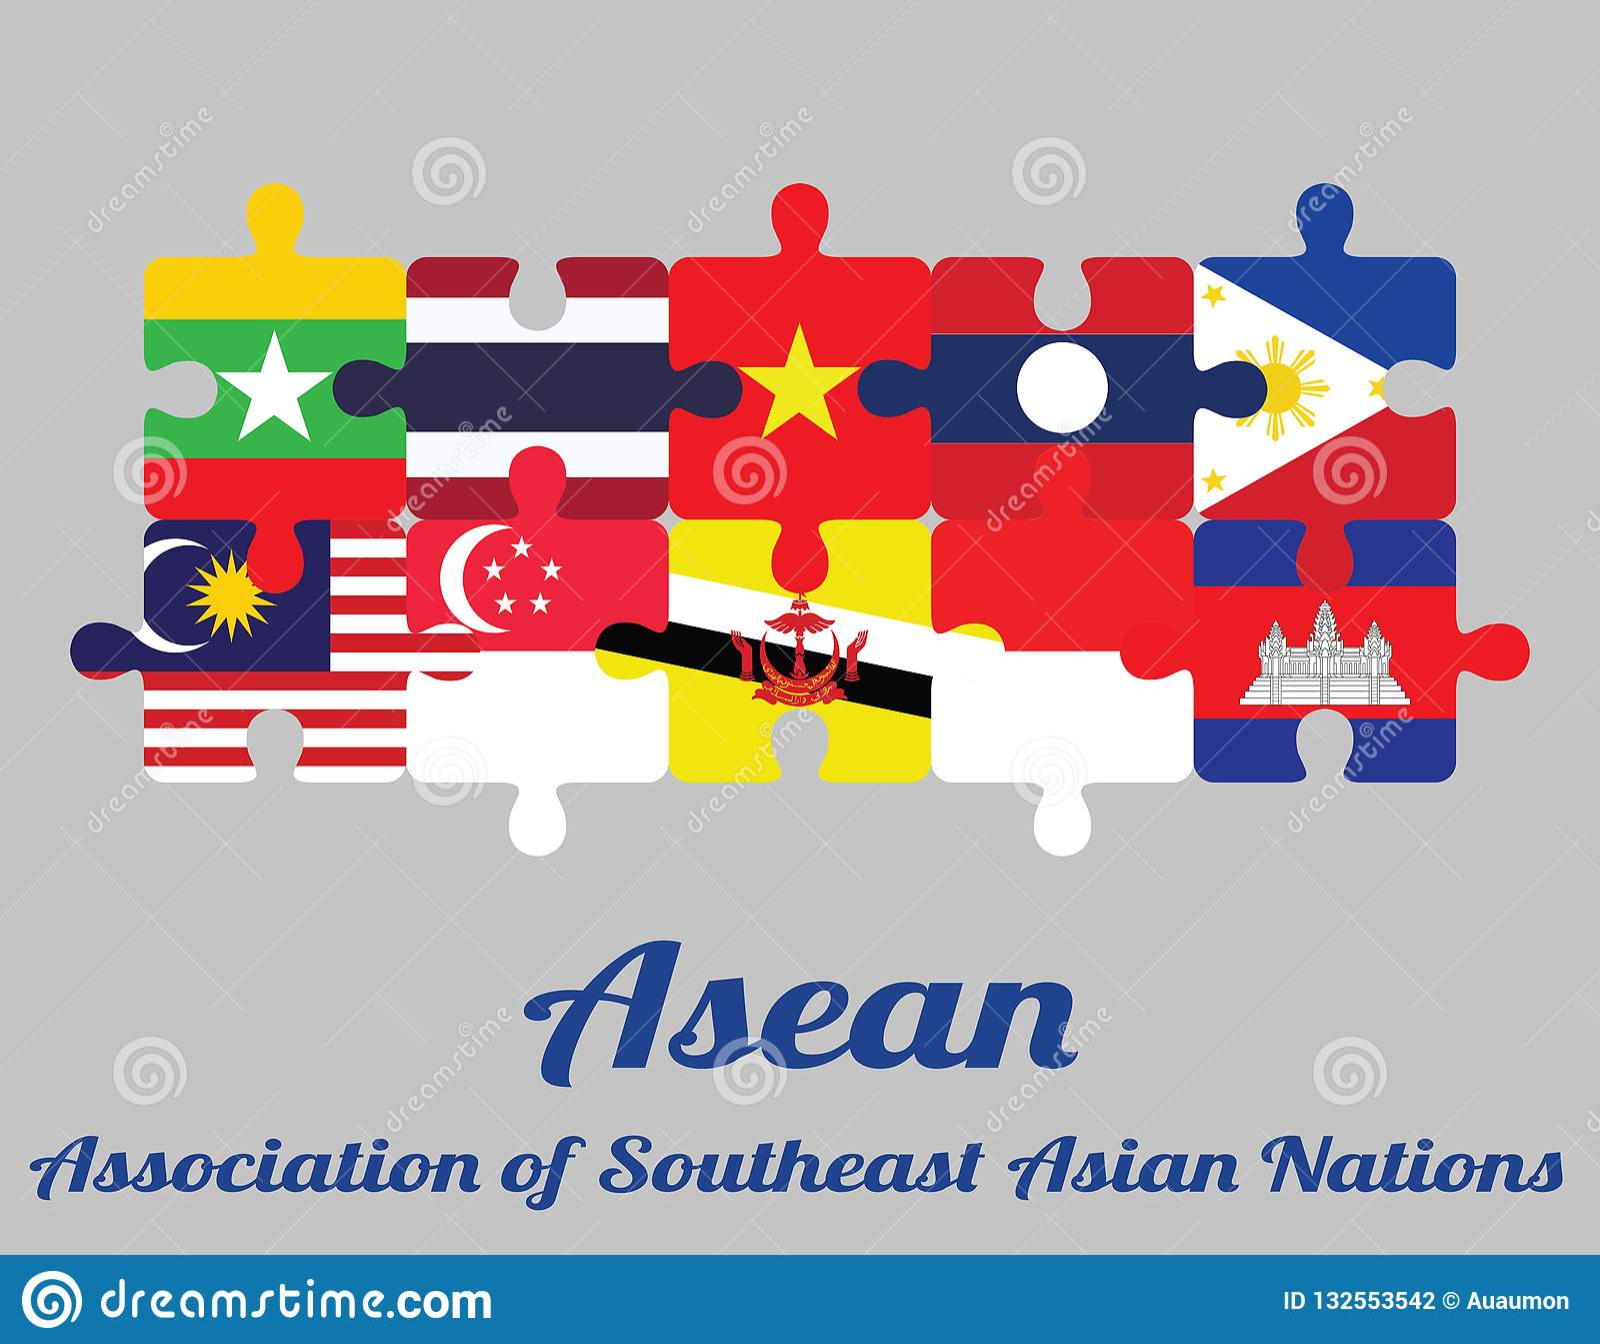 Un puzzle della bandiera del membro di dieci paesi del Asean con testo: Associazione delle nazioni asiatiche sudorientali